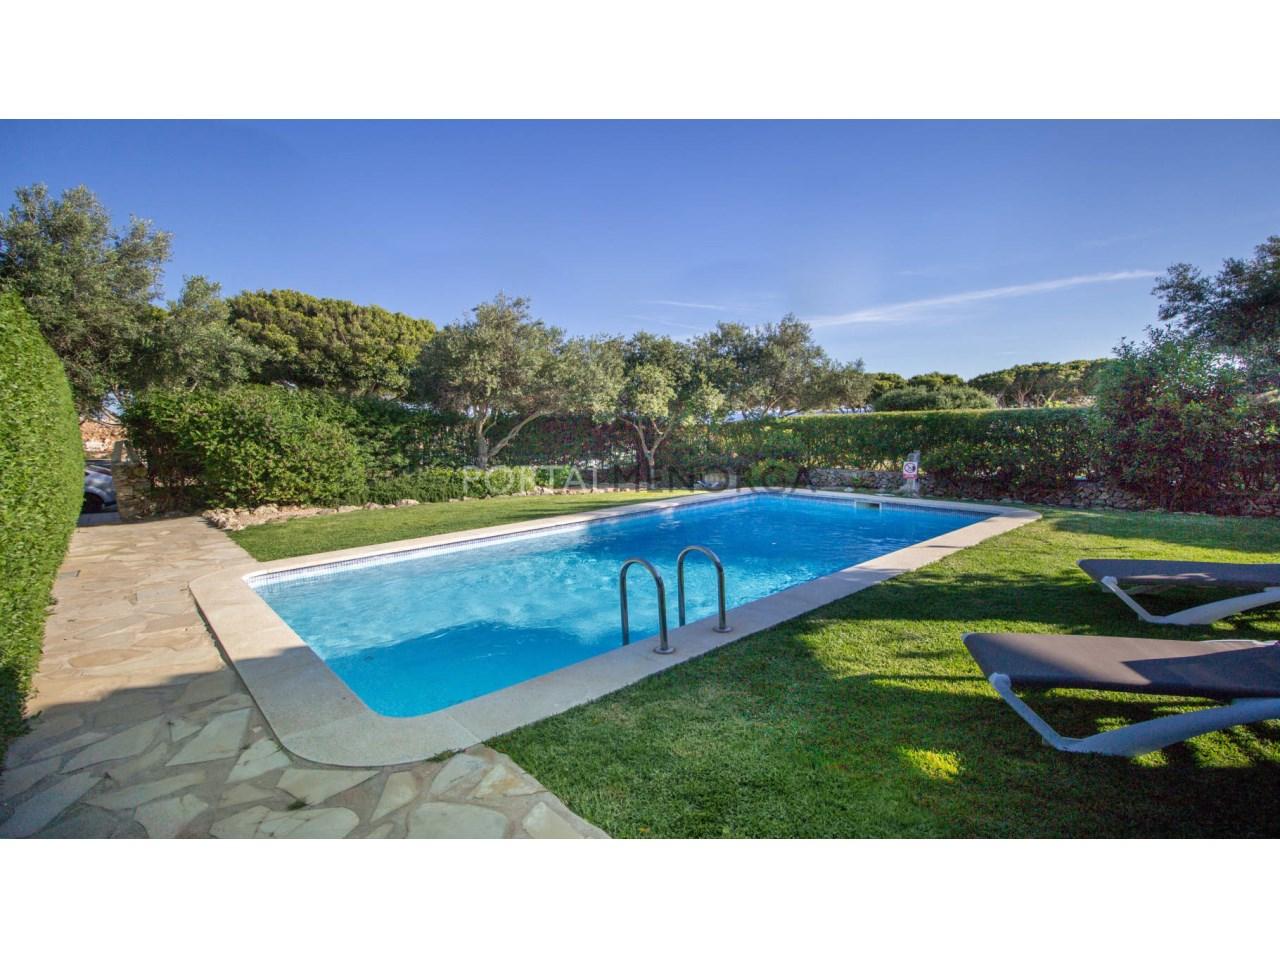 Chalet en venta con piscina y licencia turística en Biniancolla